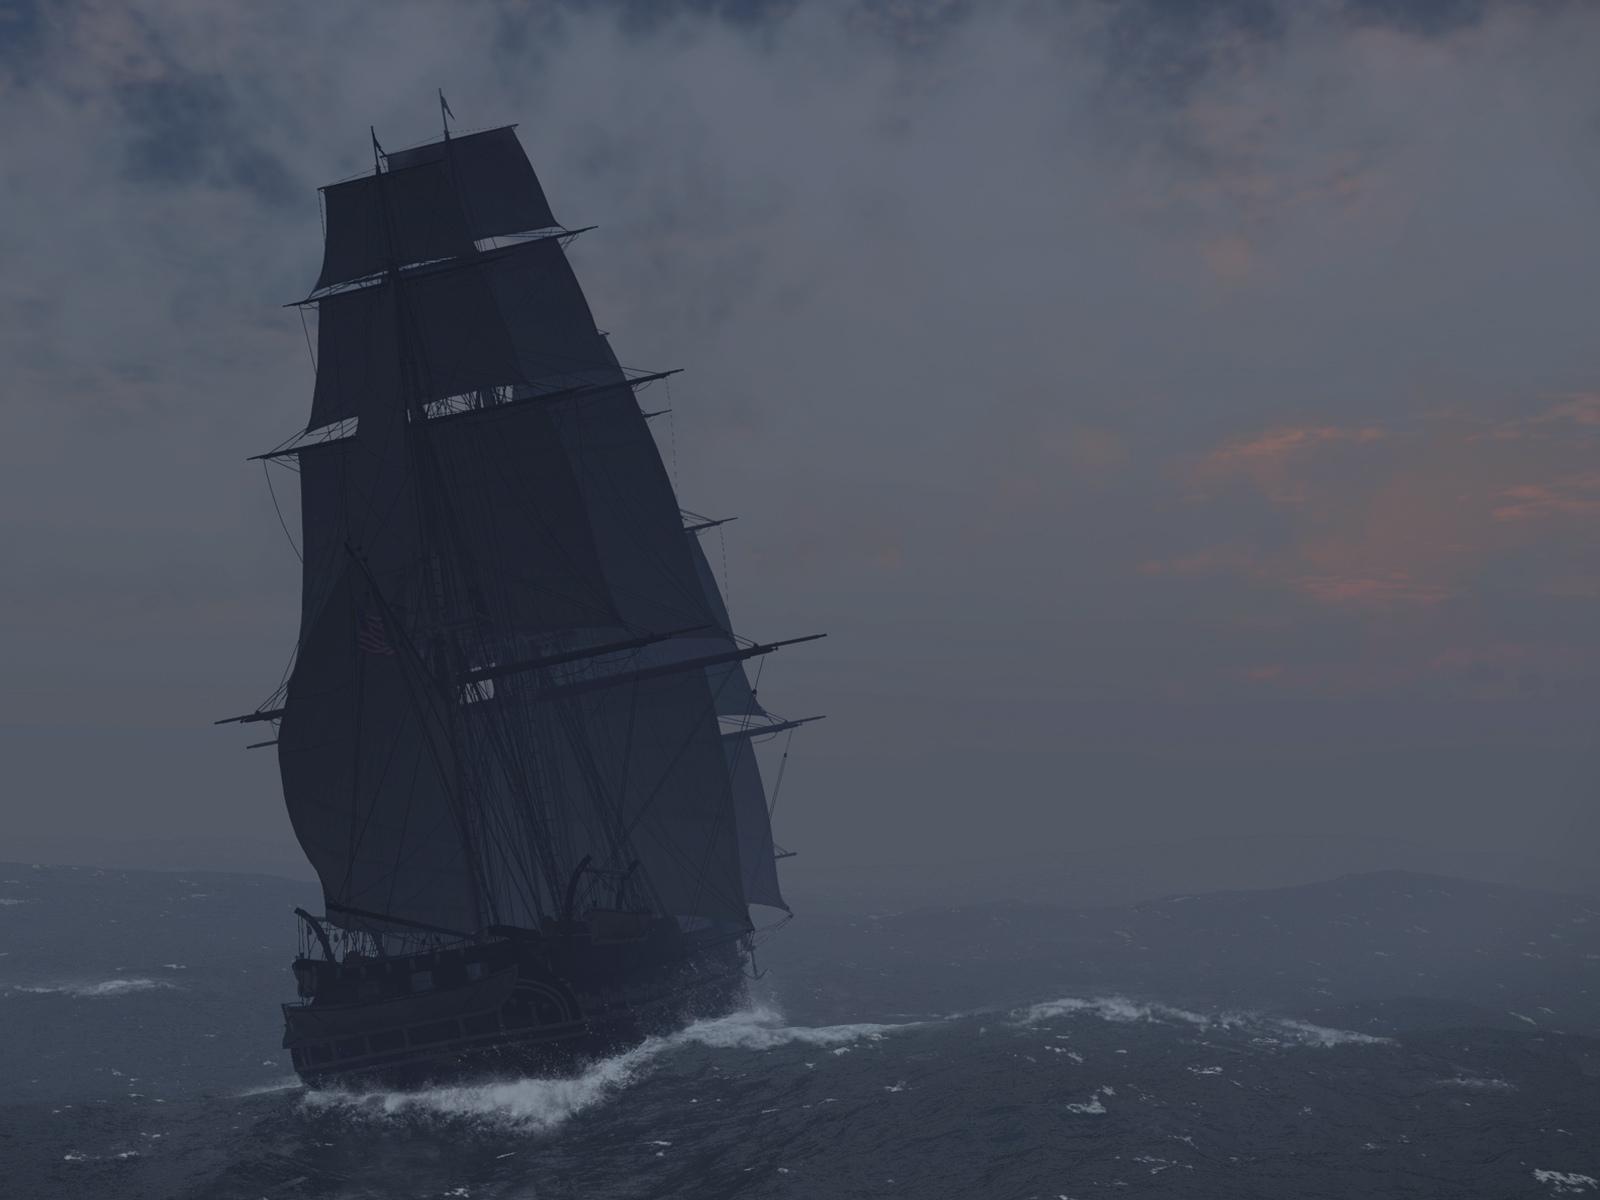 http://2.bp.blogspot.com/-9nGzmfVPaYg/UJWQKPjqRGI/AAAAAAAABDc/SlC4jrwfcTw/s1600/3D+Pirates+of+Caribbean+ships+wallpapers+(16).jpg